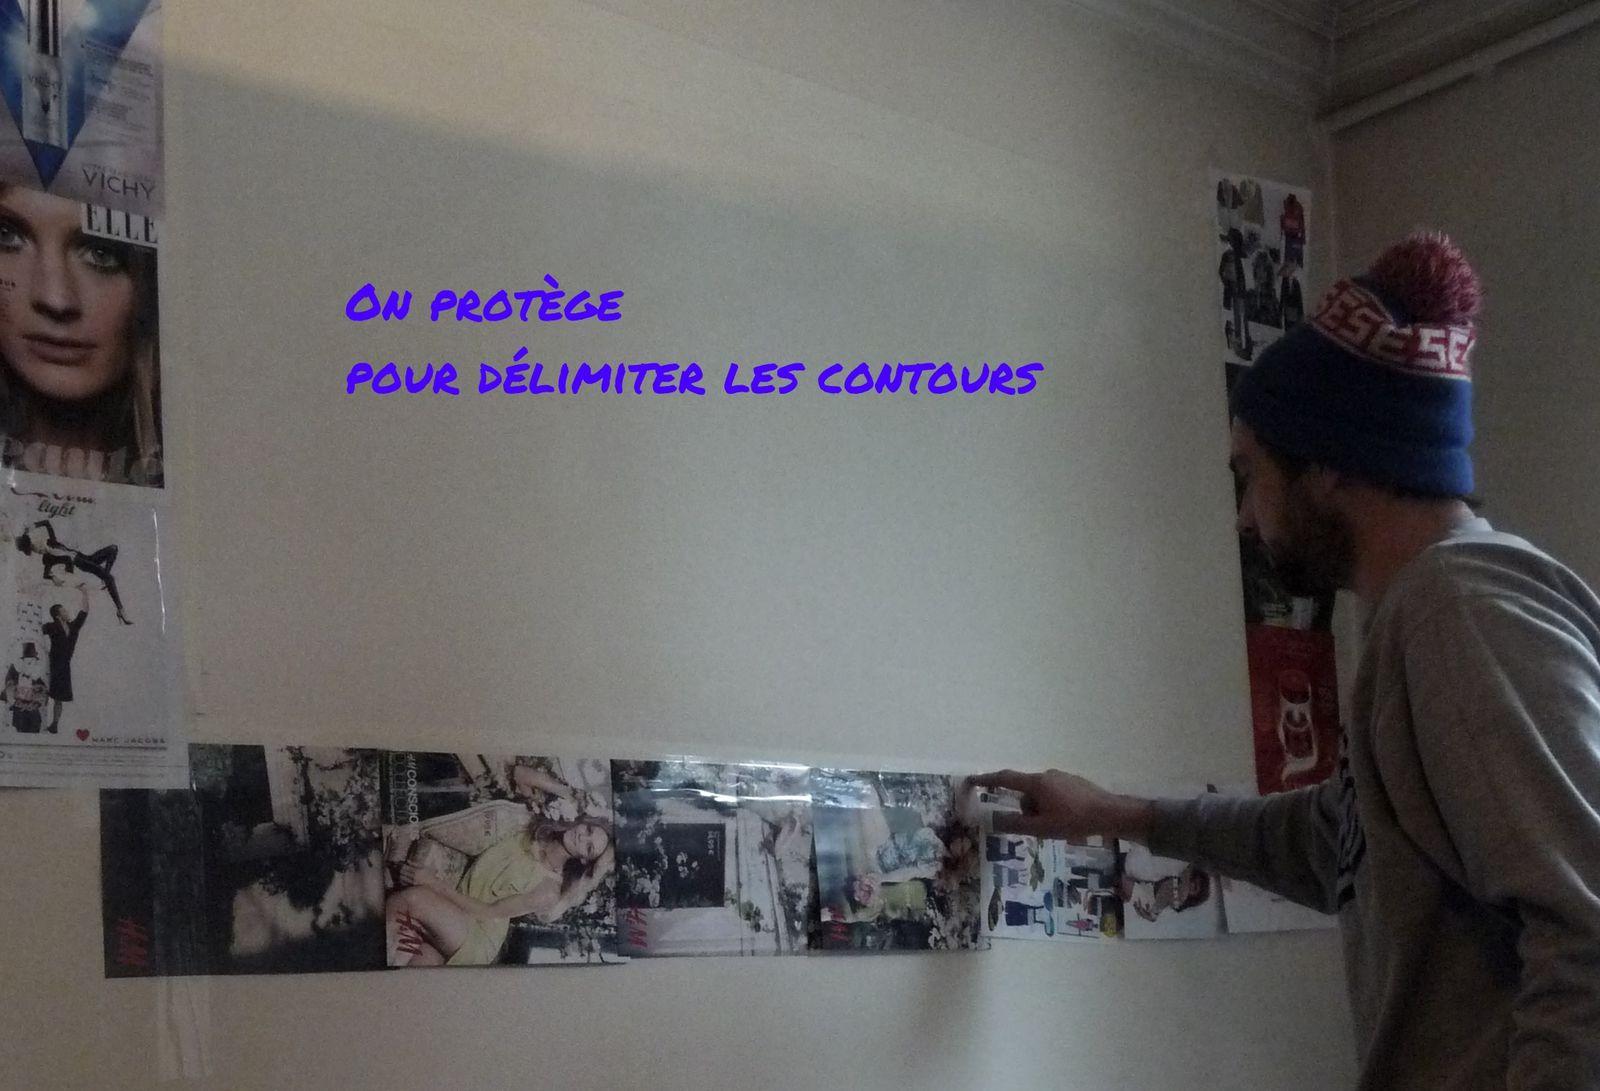 Renk, peintre graffeur ou comment avoir un tag sur le mur de son salon!